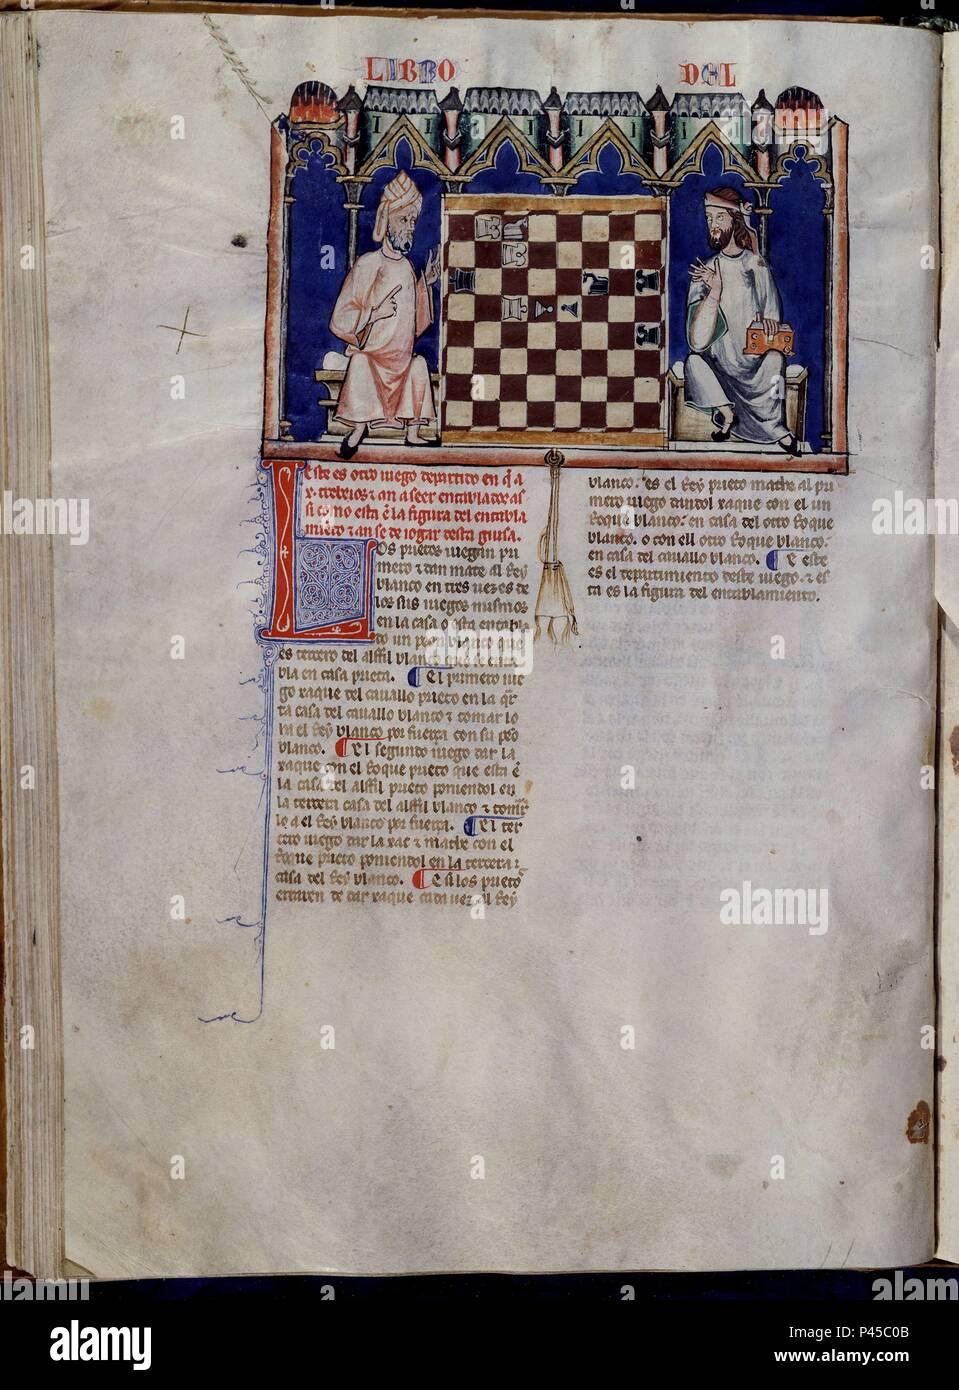 LIBRO DE JUEGOS O LIBRO DEL AJEDREZ DADOS Y TABLAS - 1283 - FOLIO 42V - DOS HOMBRES JUGANDO AL AJEDREZ - MANUSCRITO GOTICO. Author: Alfonso X of Castile the Wise (1221-1284). Location: MONASTERIO-BIBLIOTECA-COLECCION, SAN LORENZO DEL ESCORIAL, MADRID, SPAIN. - Stock Image